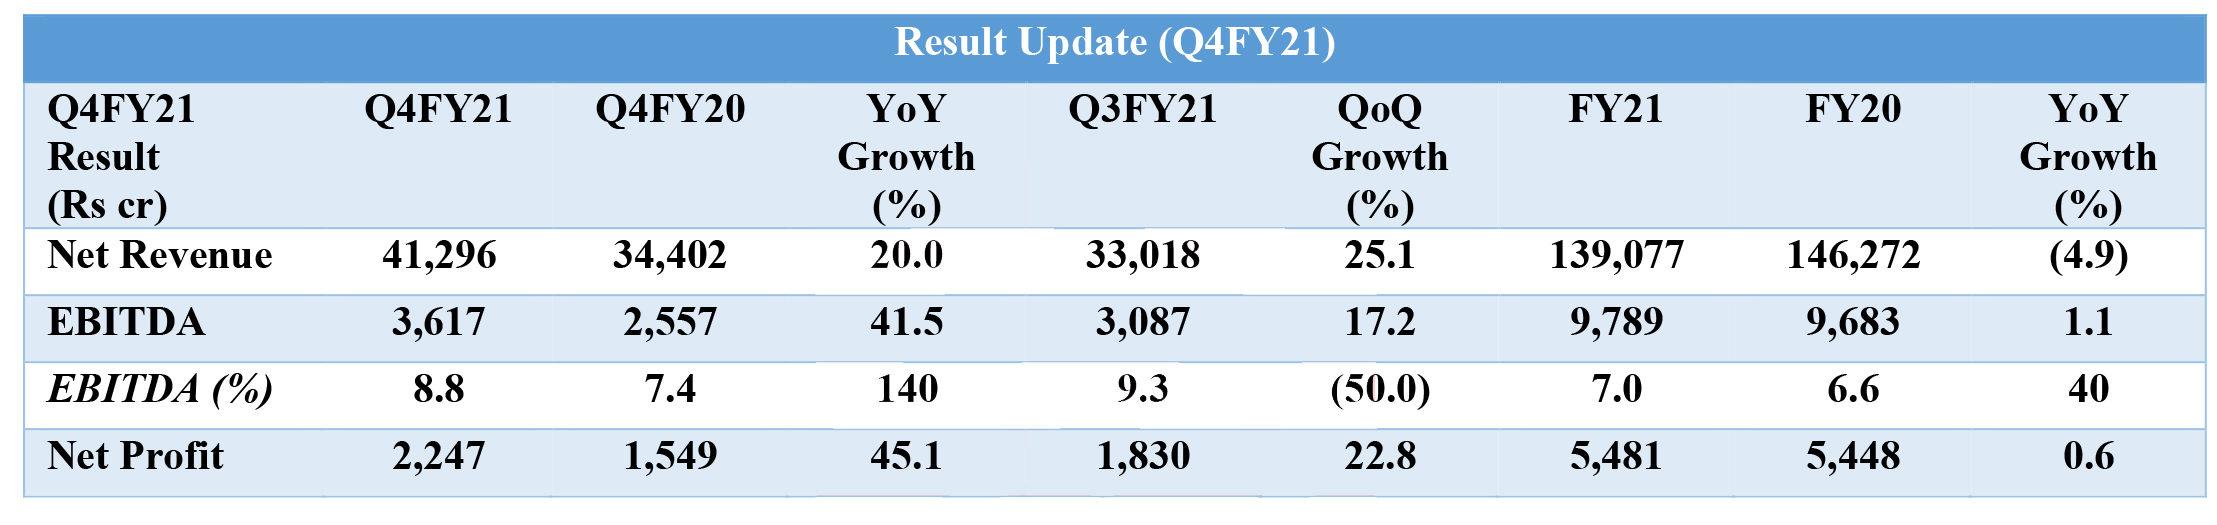 Q4FY21 Result Update-Reliance Retail-1